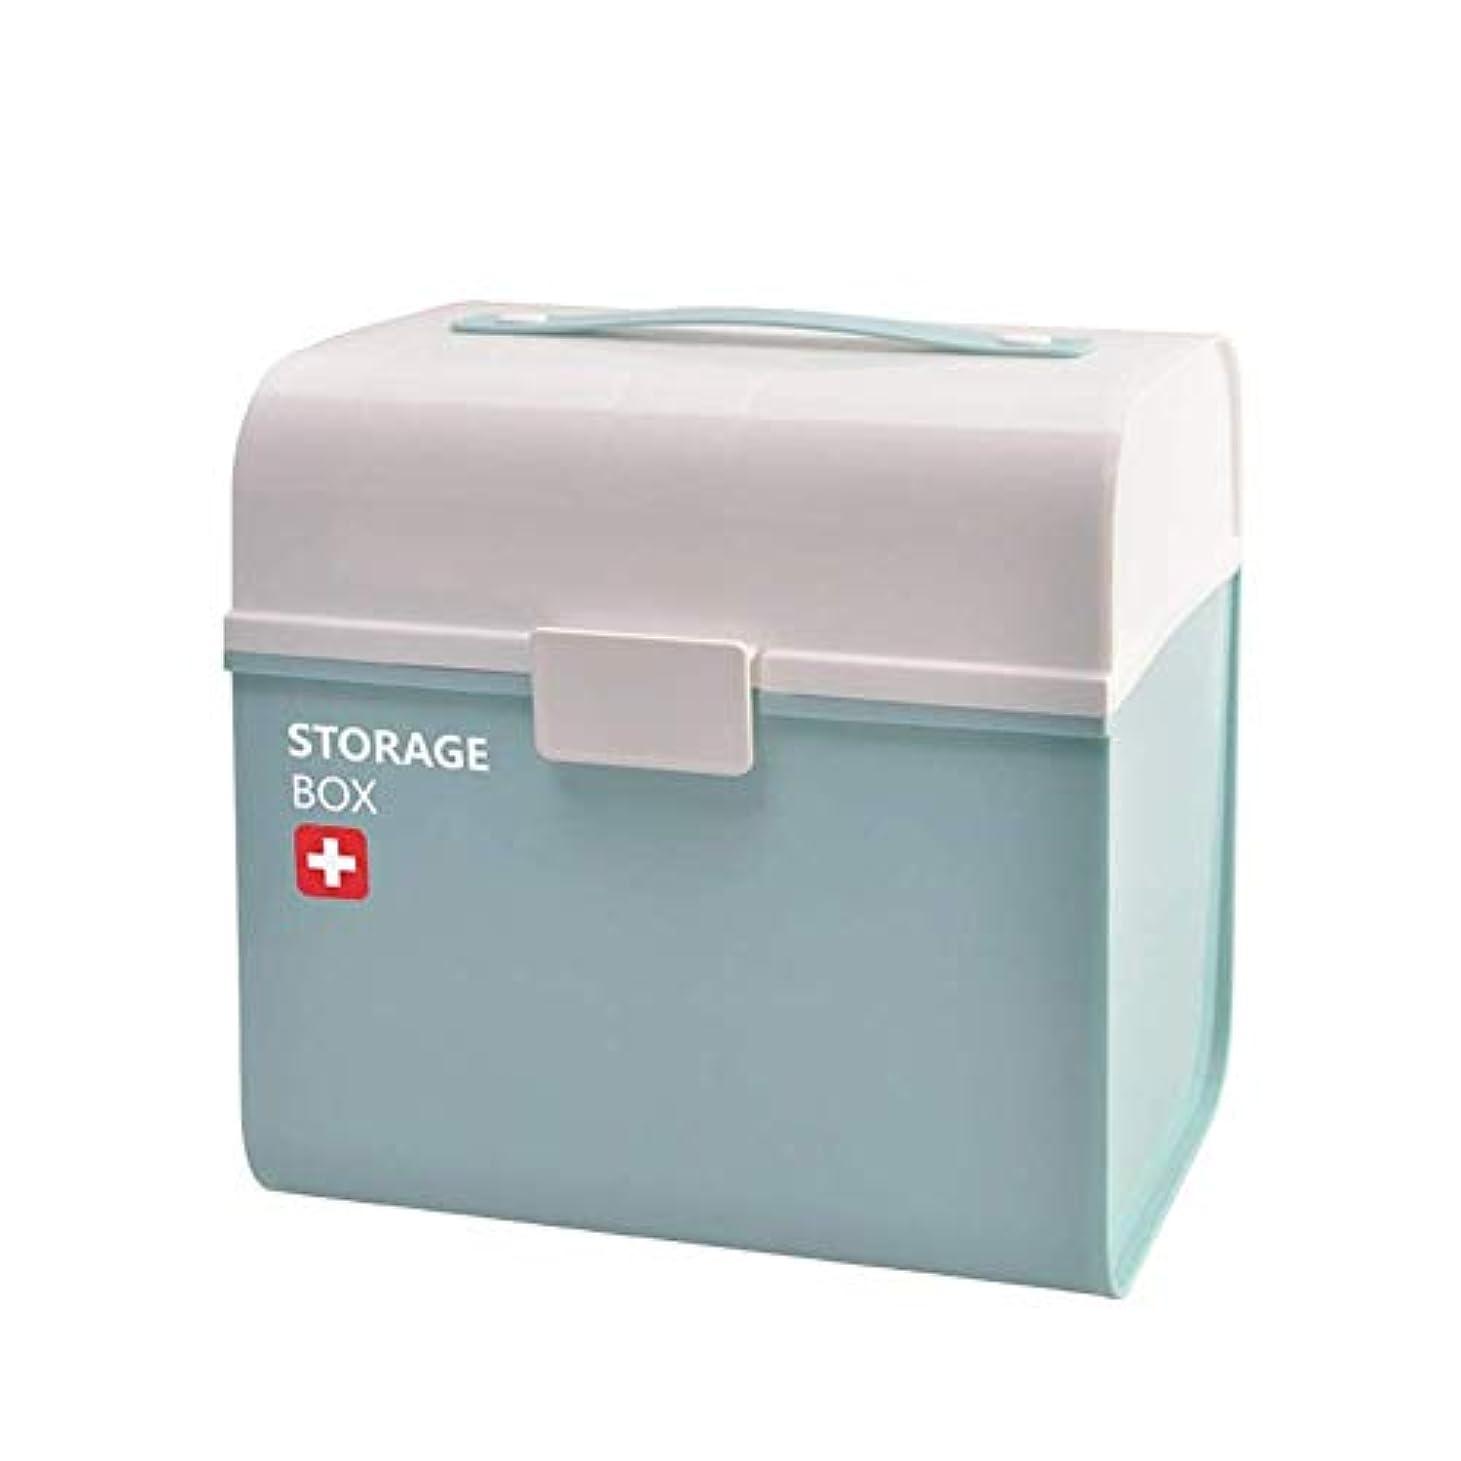 省略受信機進化JJJJD 薬箱家族薬箱大サイズ子供救急箱薬収納キャビネットホーム小型医療箱